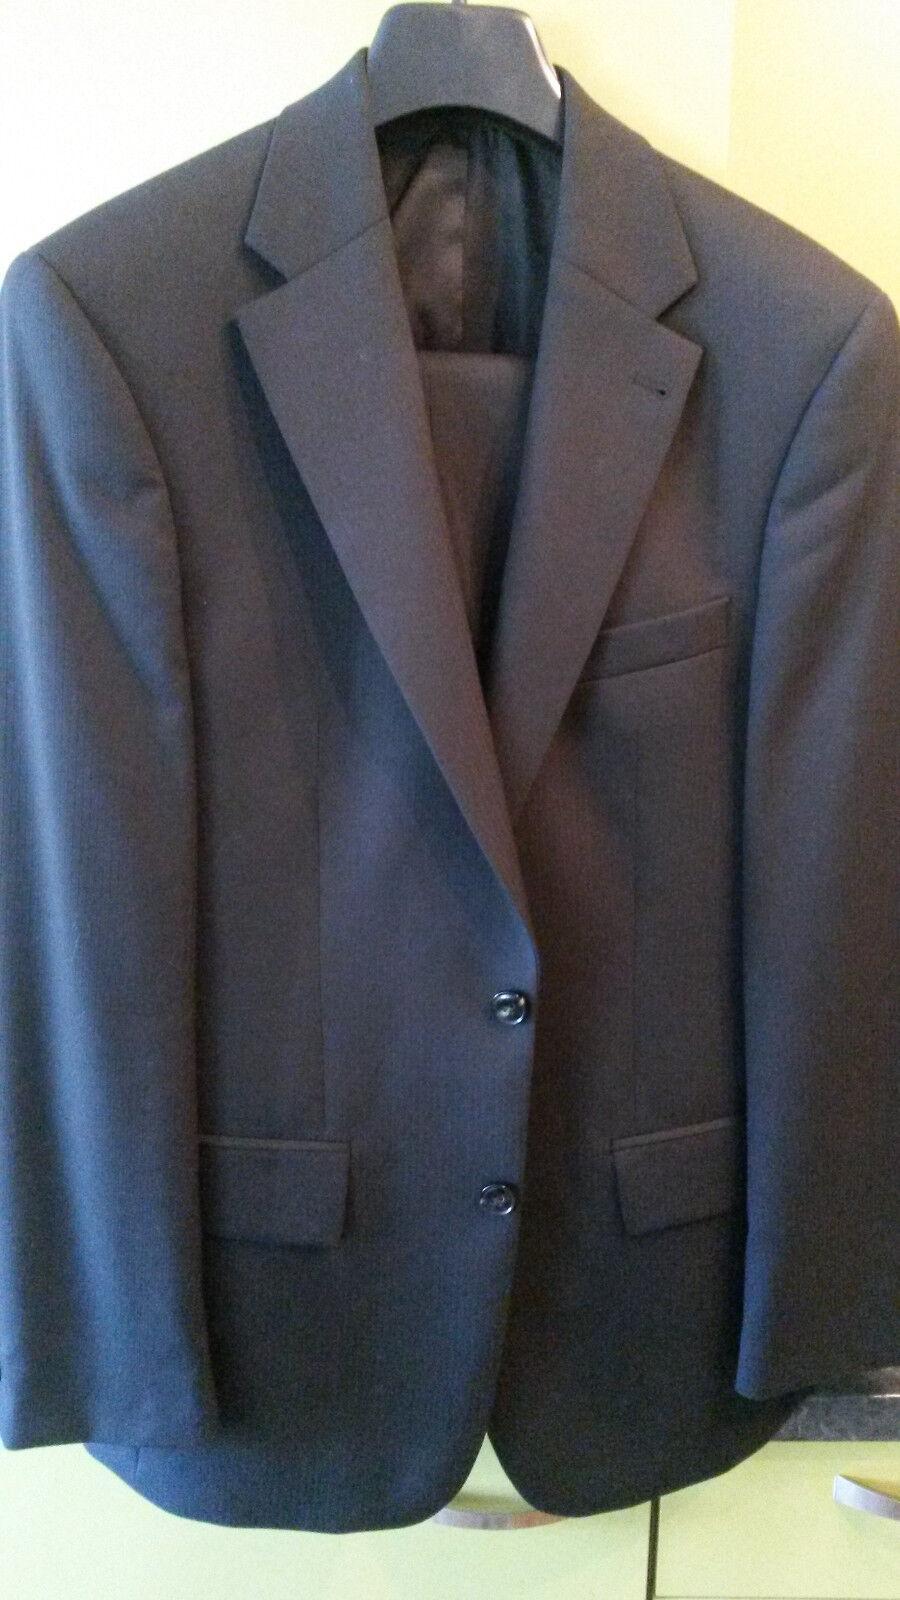 Herren Anzug M 1x getragen schwarz 46 Guabello Barutti TOP